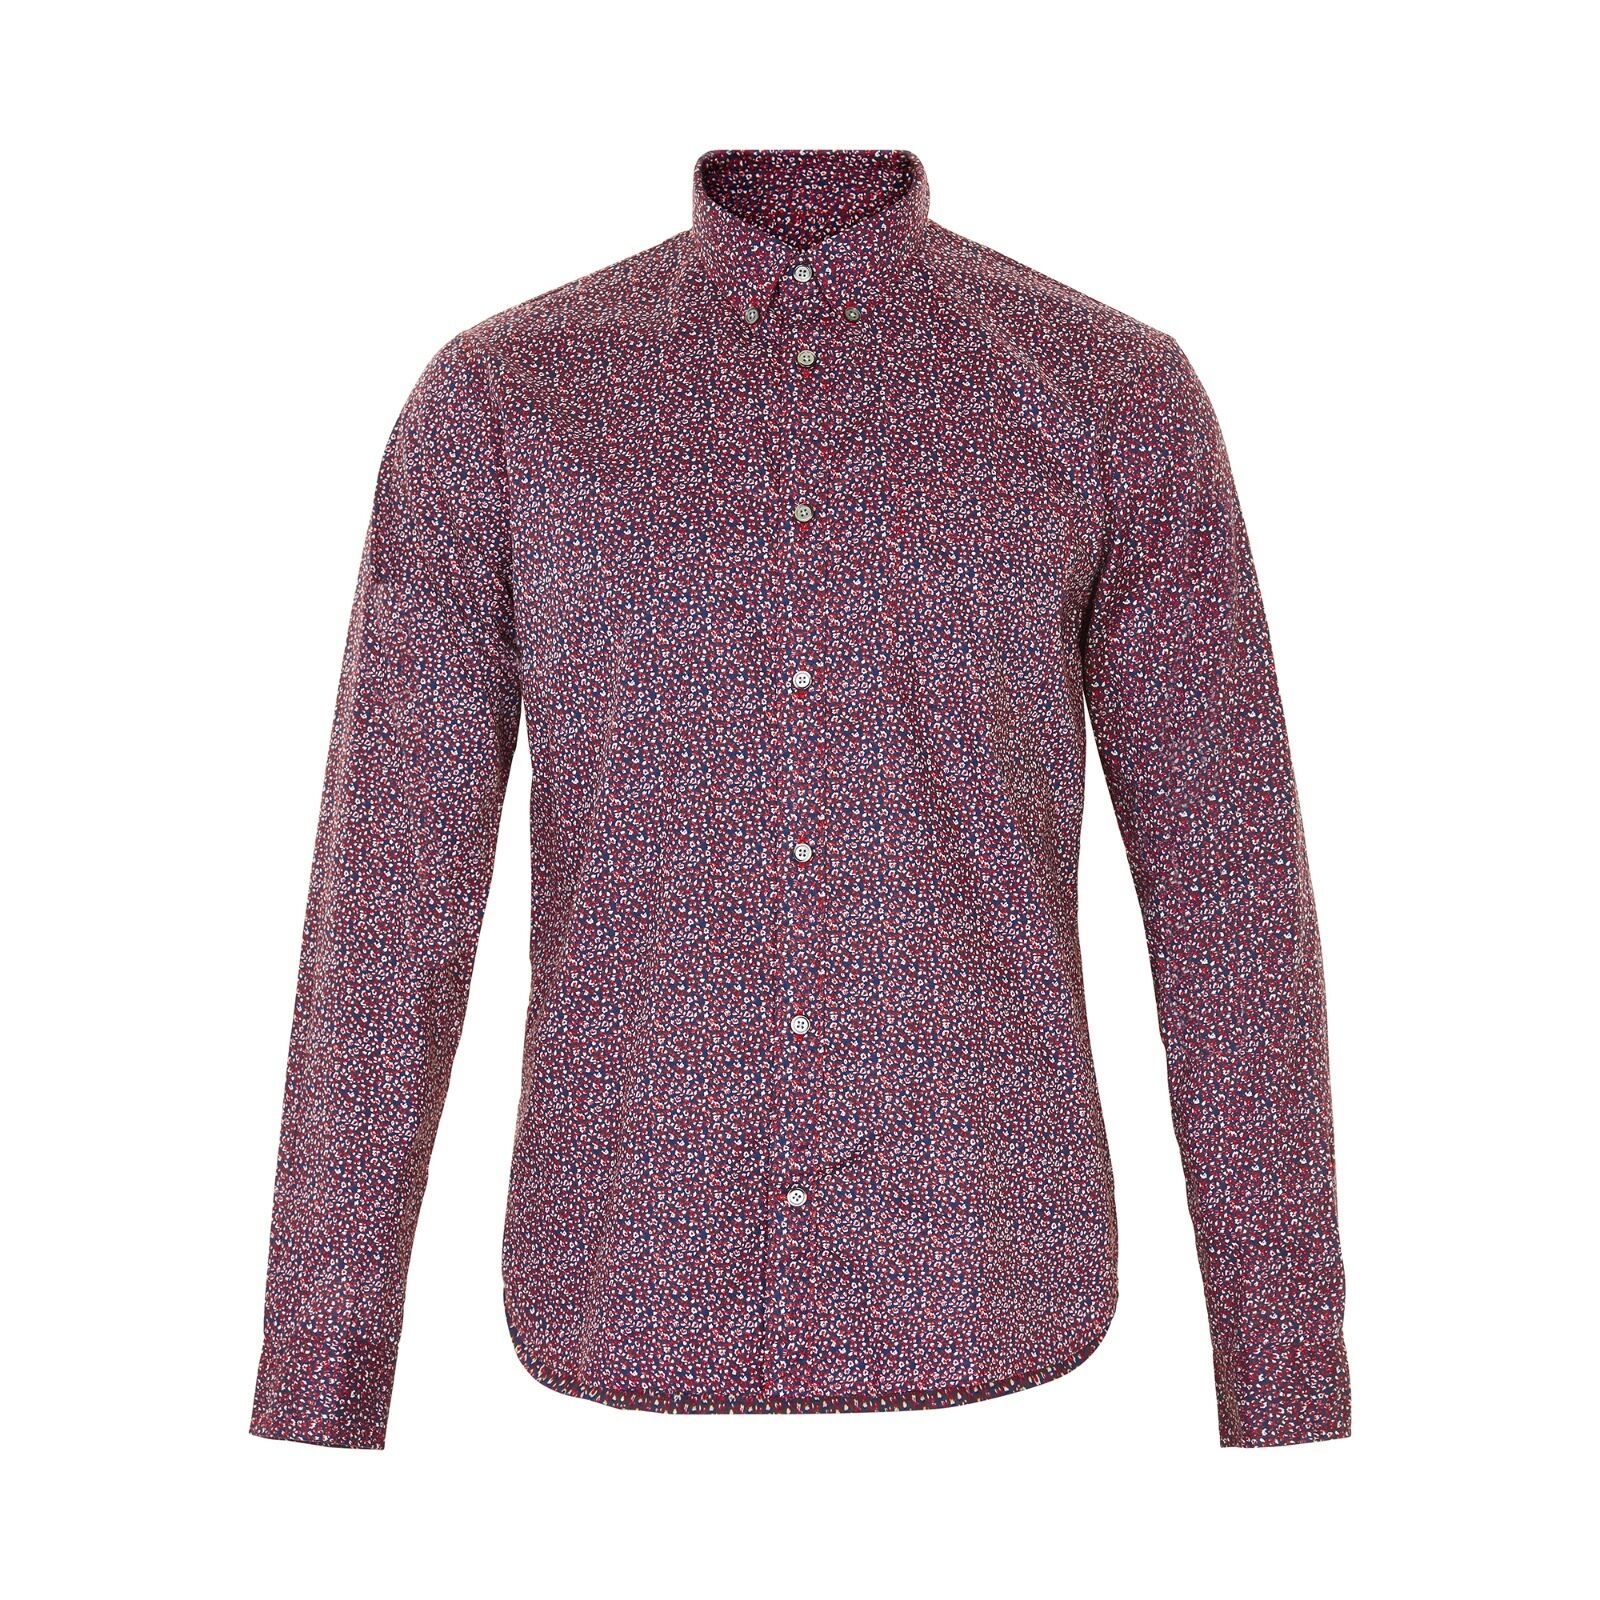 MATINIQUE Trostol Cotton Print Shirt Red Ochre - XL